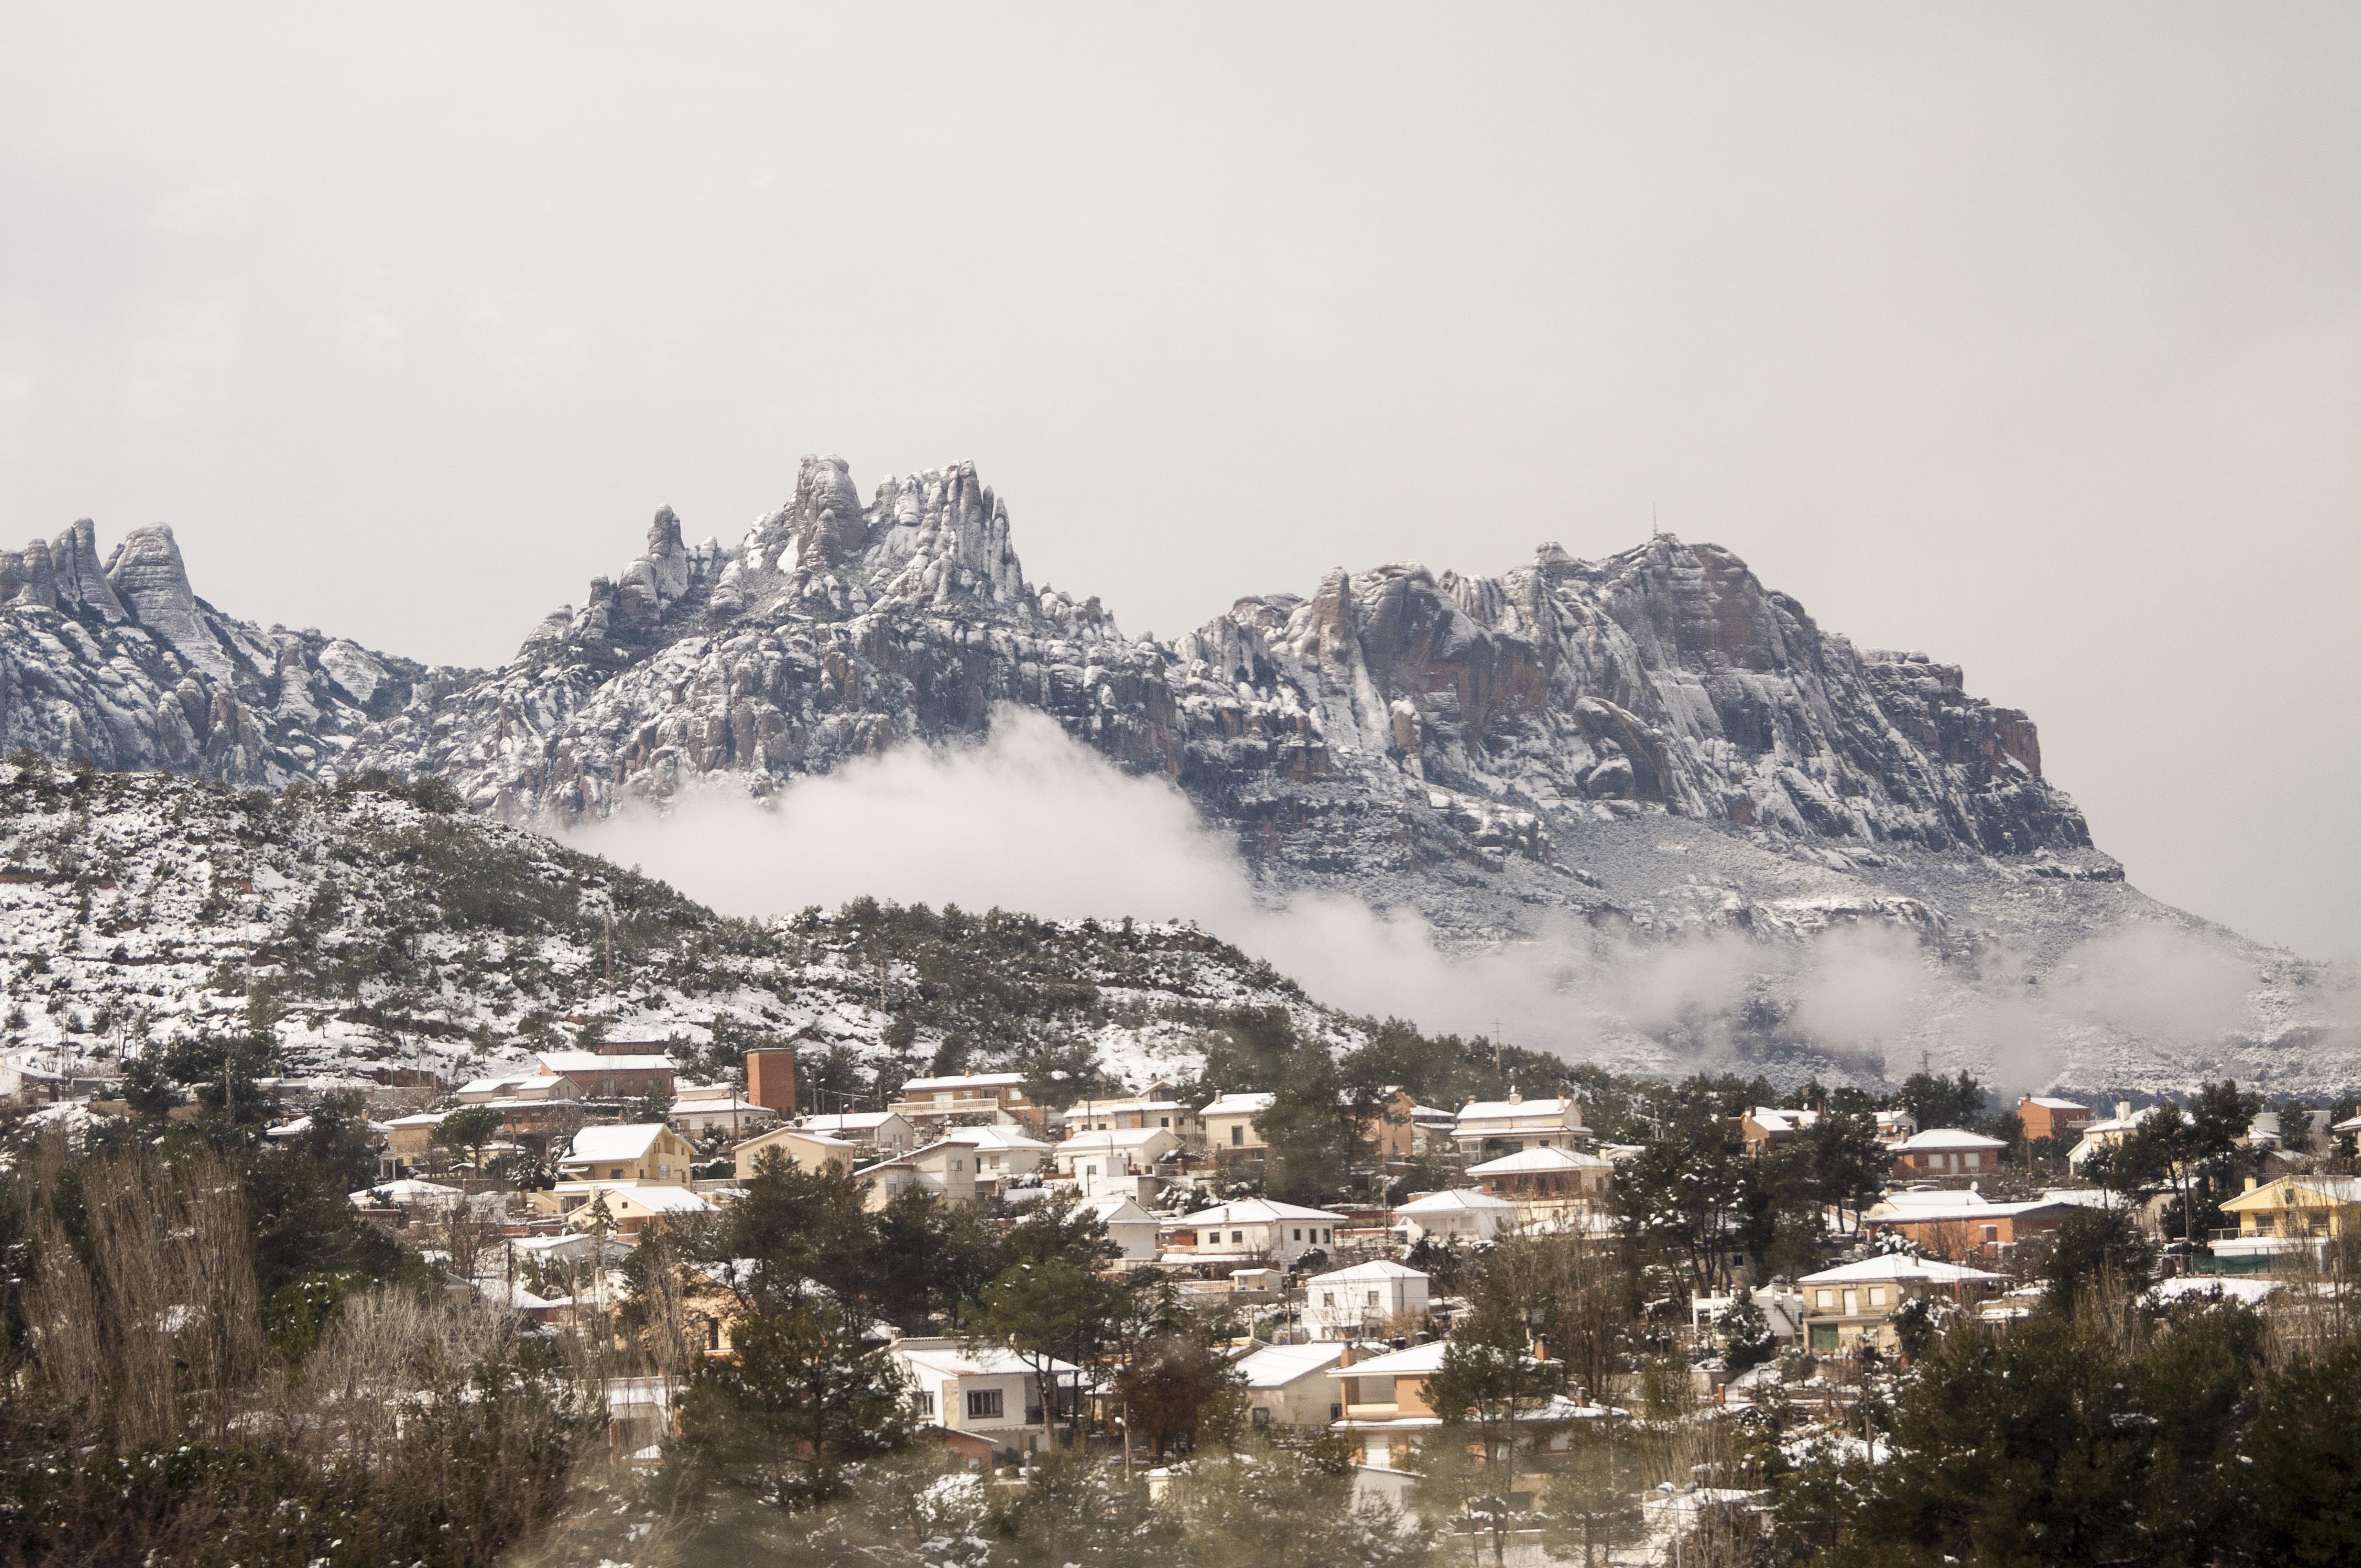 Vacarisses sous la neige, Espagne - © Eder Pozo Pérez